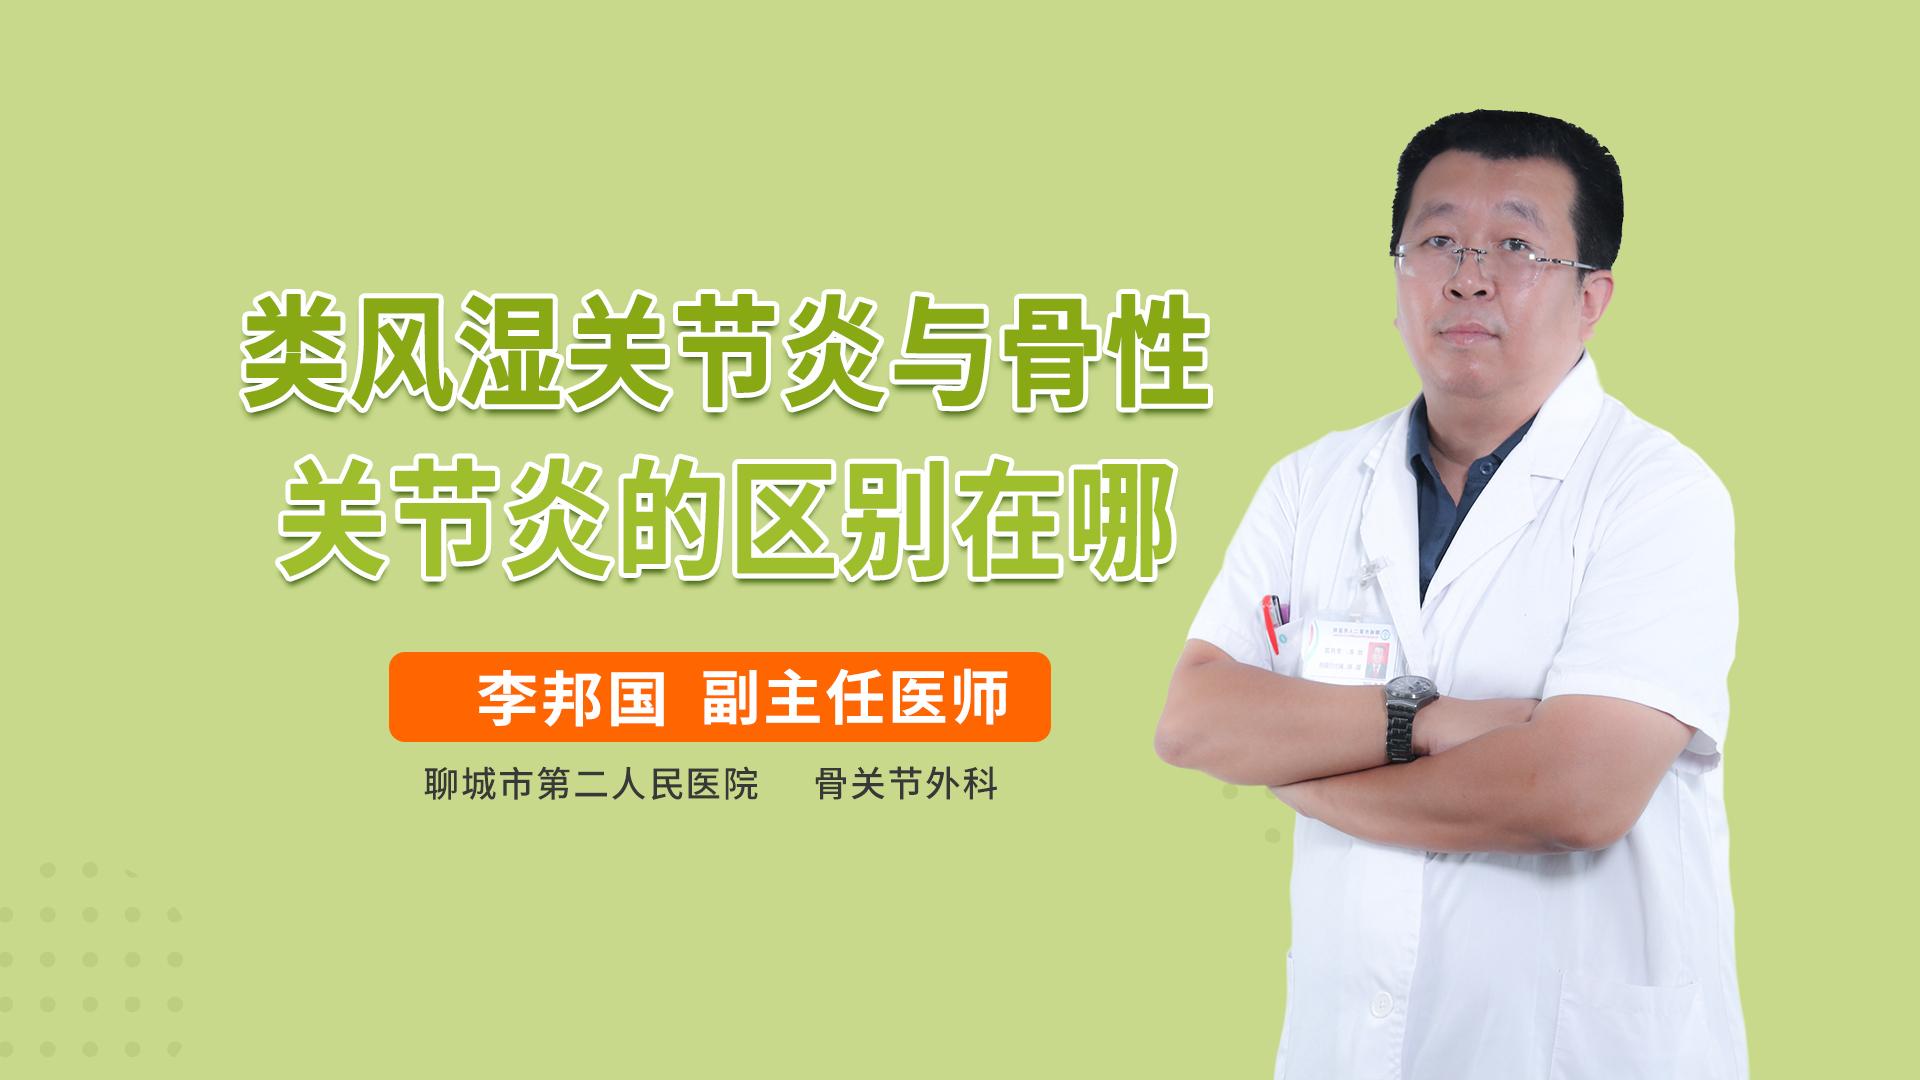 类风湿关节炎与骨性关节炎的区别在哪